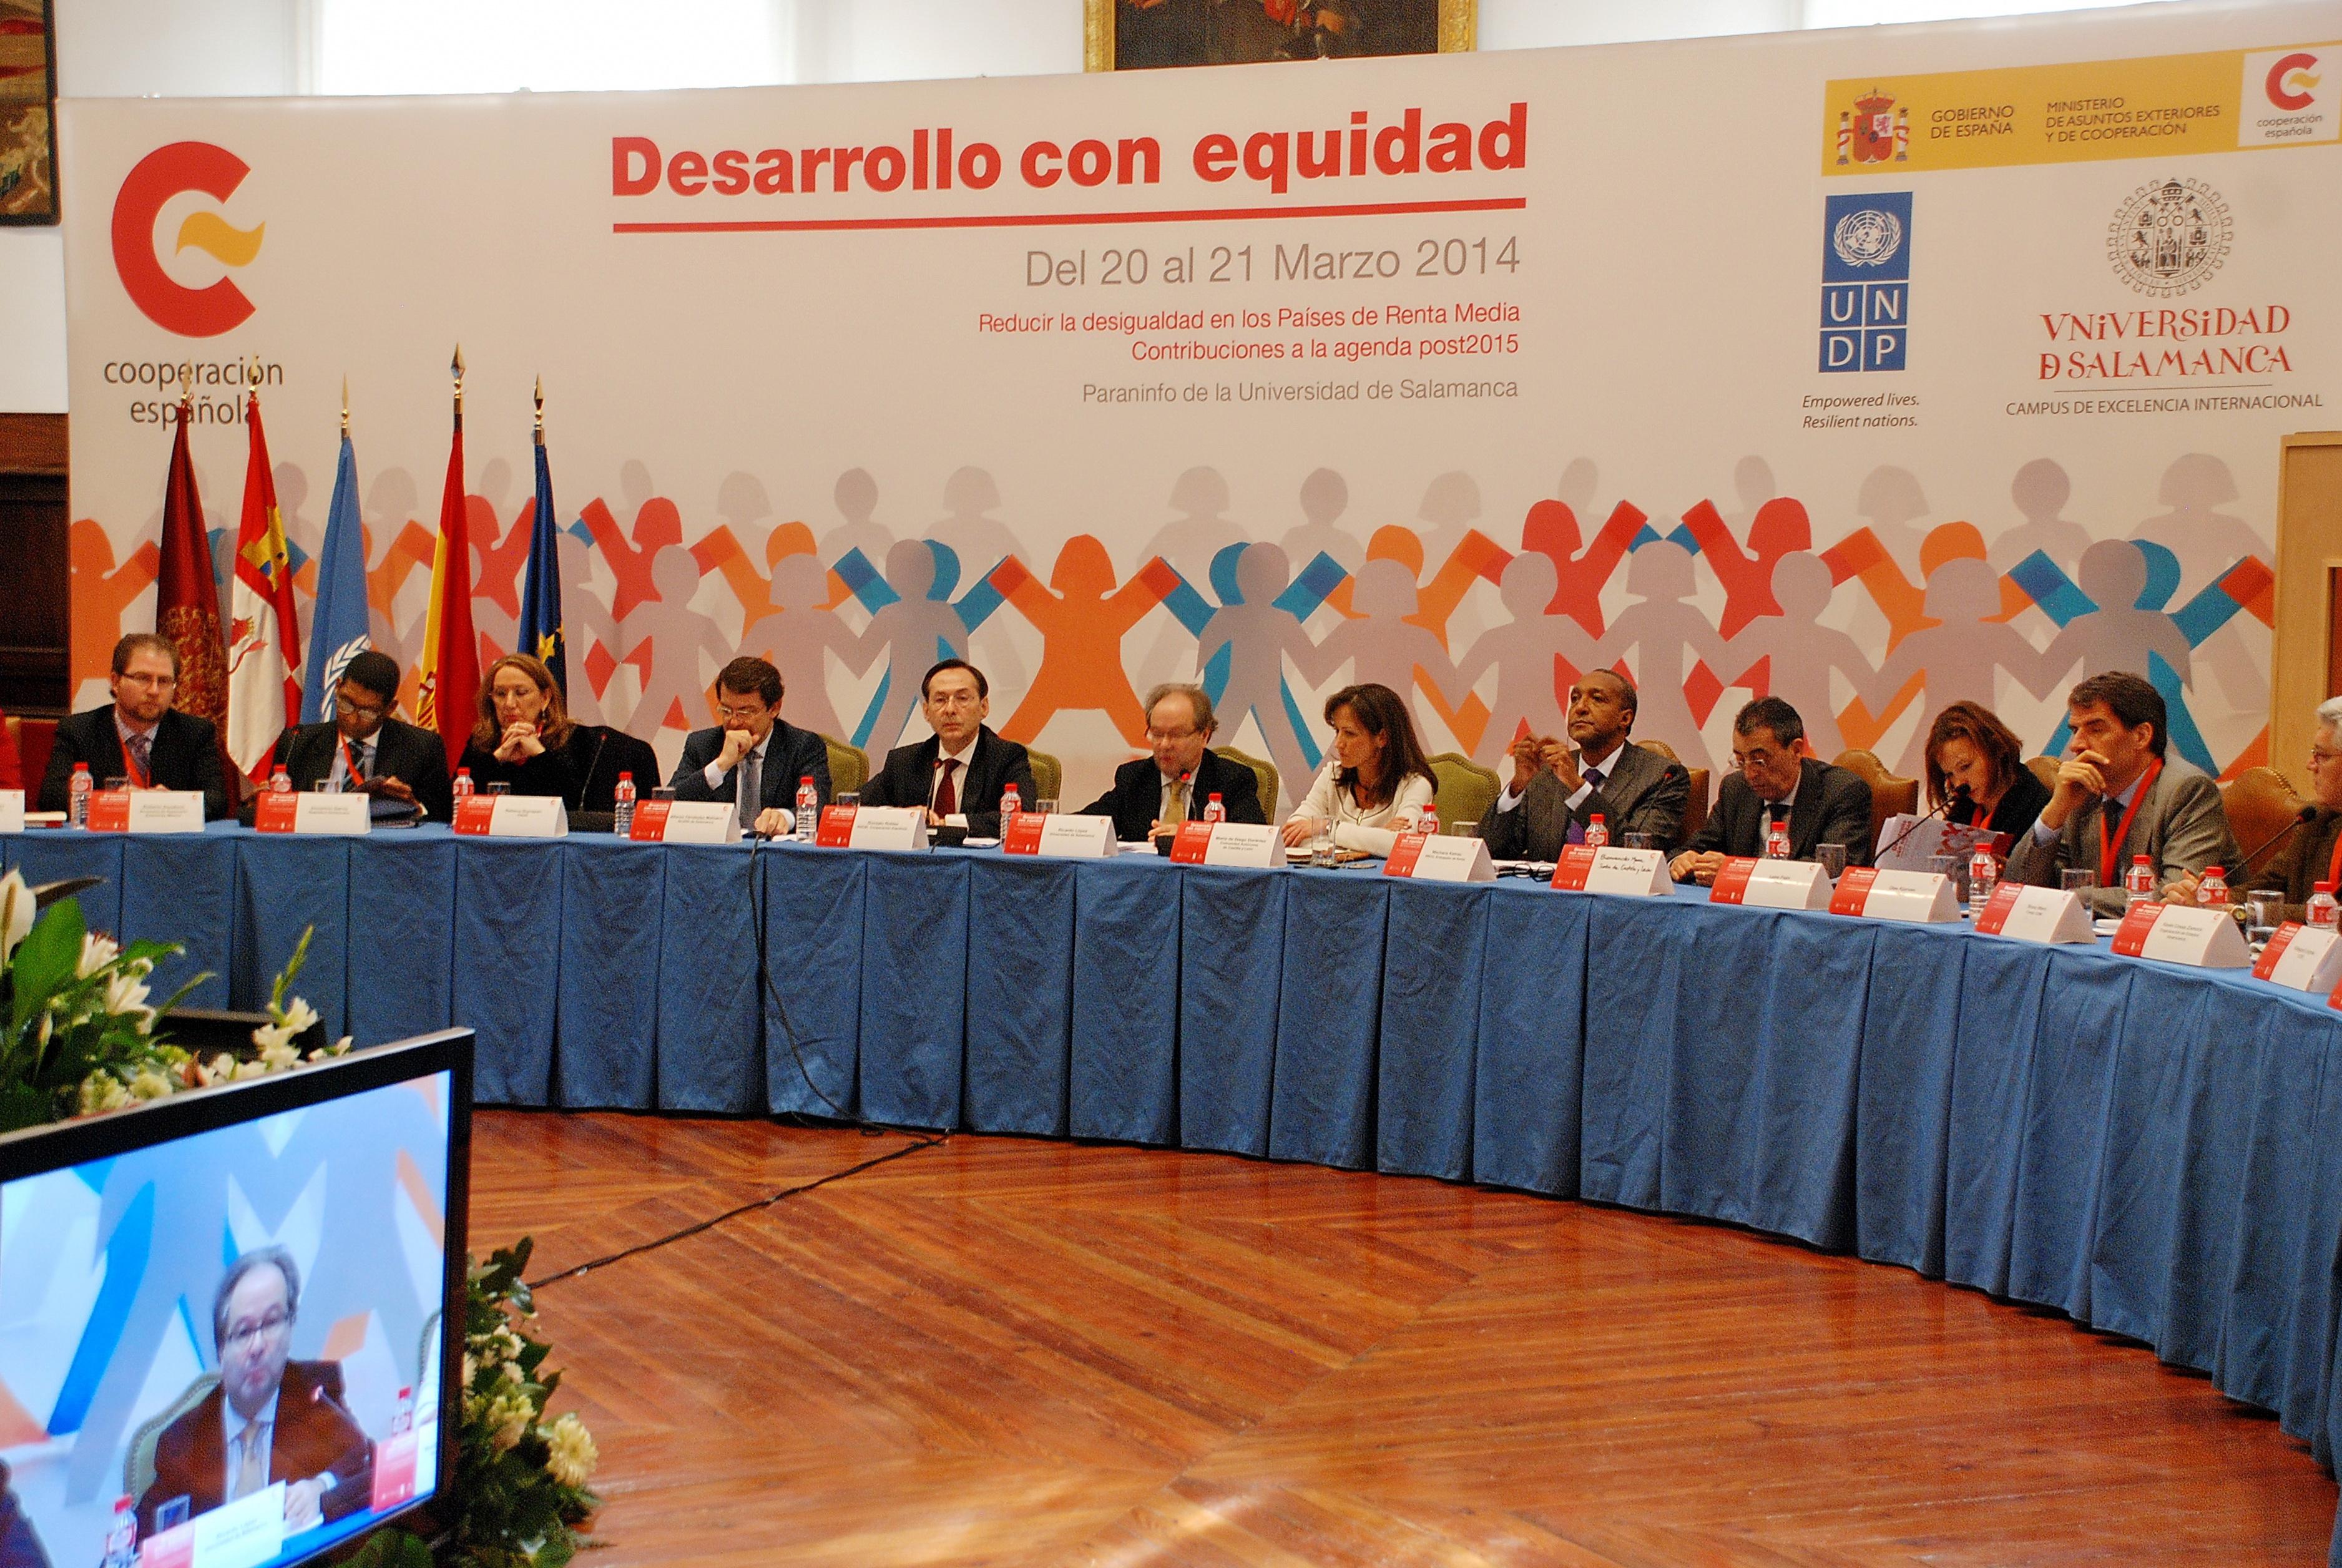 El vicerrector de Economía, Ricardo López, asiste a la inauguración de las Jornadas 'Desarrollo con Equidad' de la Agencia Española de Cooperación Internacional para el Desarrollo